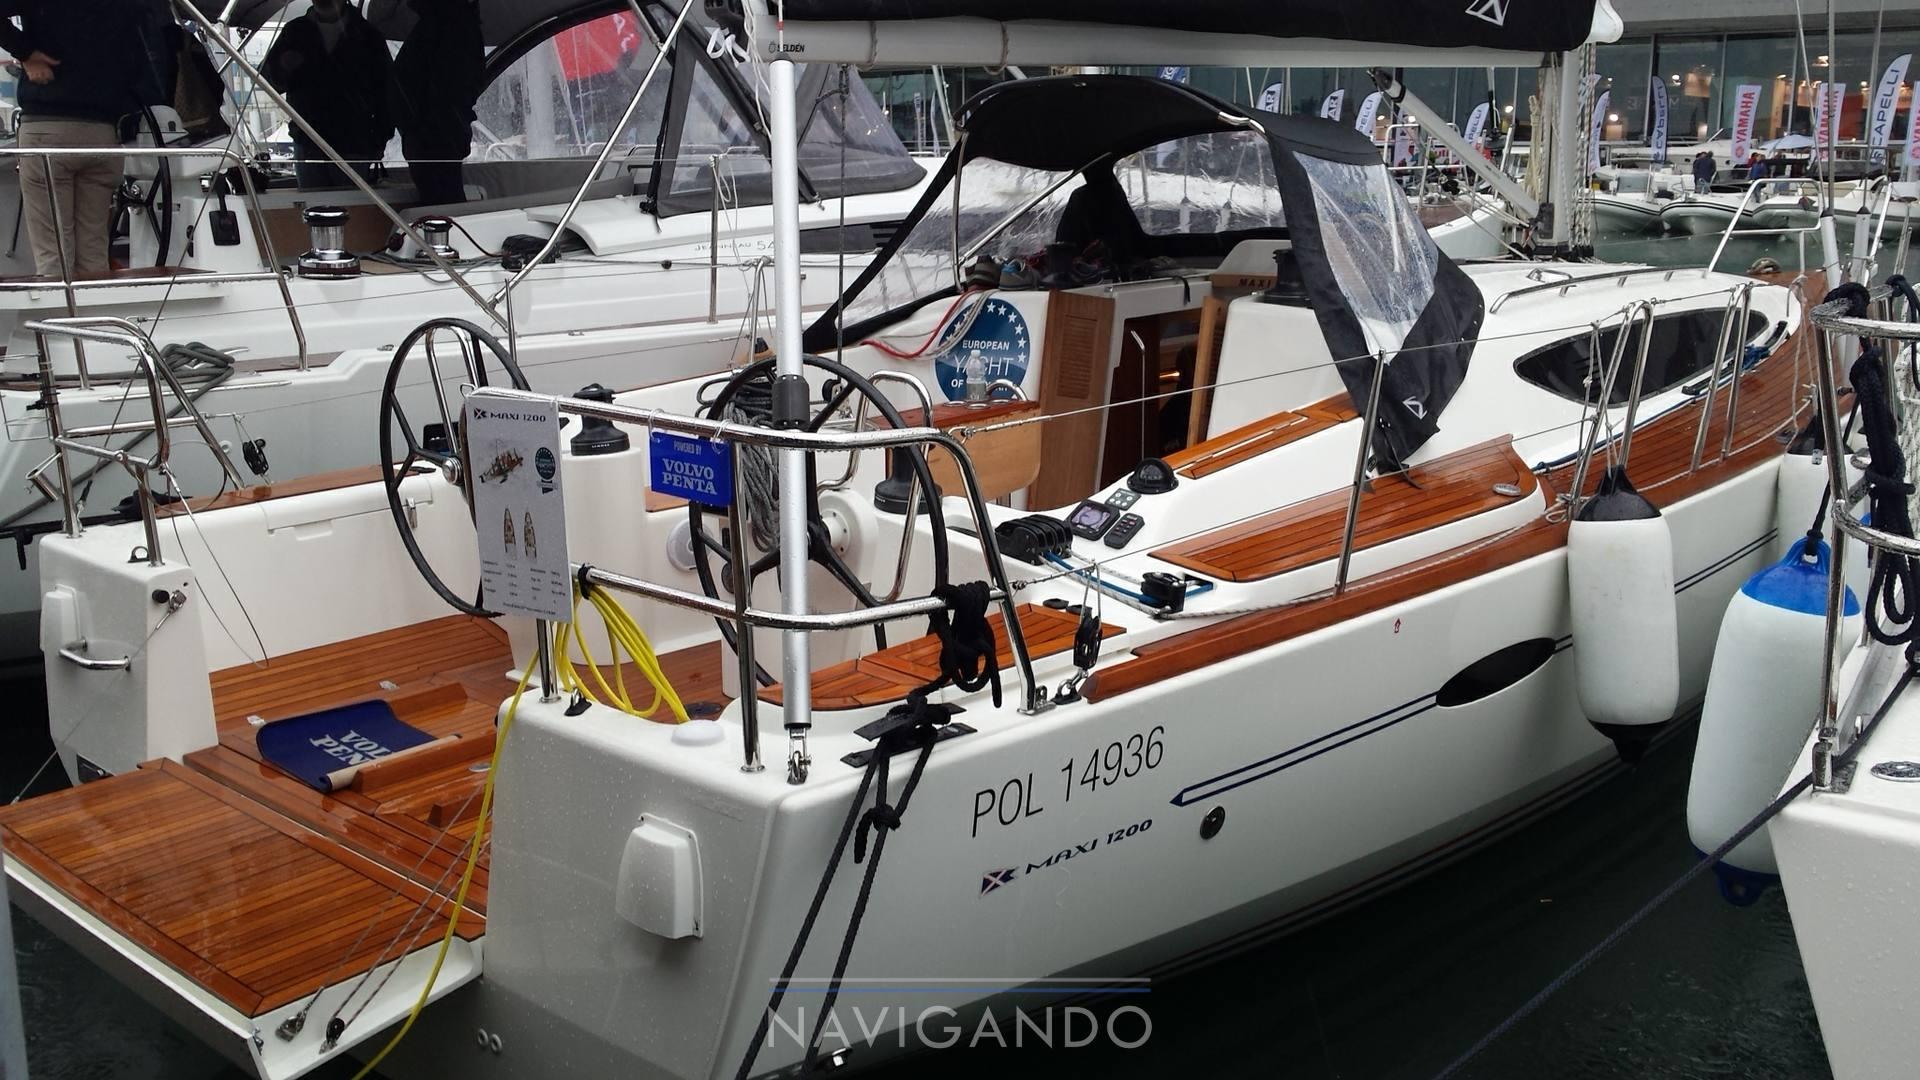 Maxi yachts Maxi 1200 fotografia